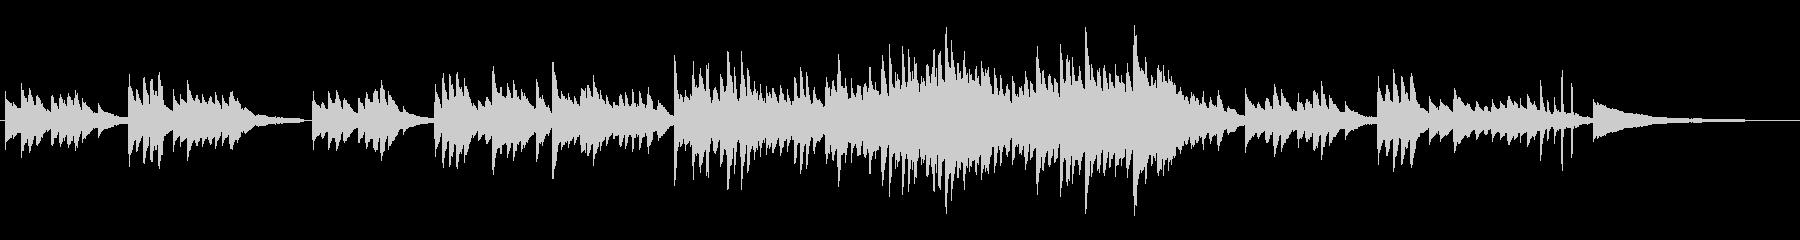 わらべうた的な旋律のピアノ曲の未再生の波形